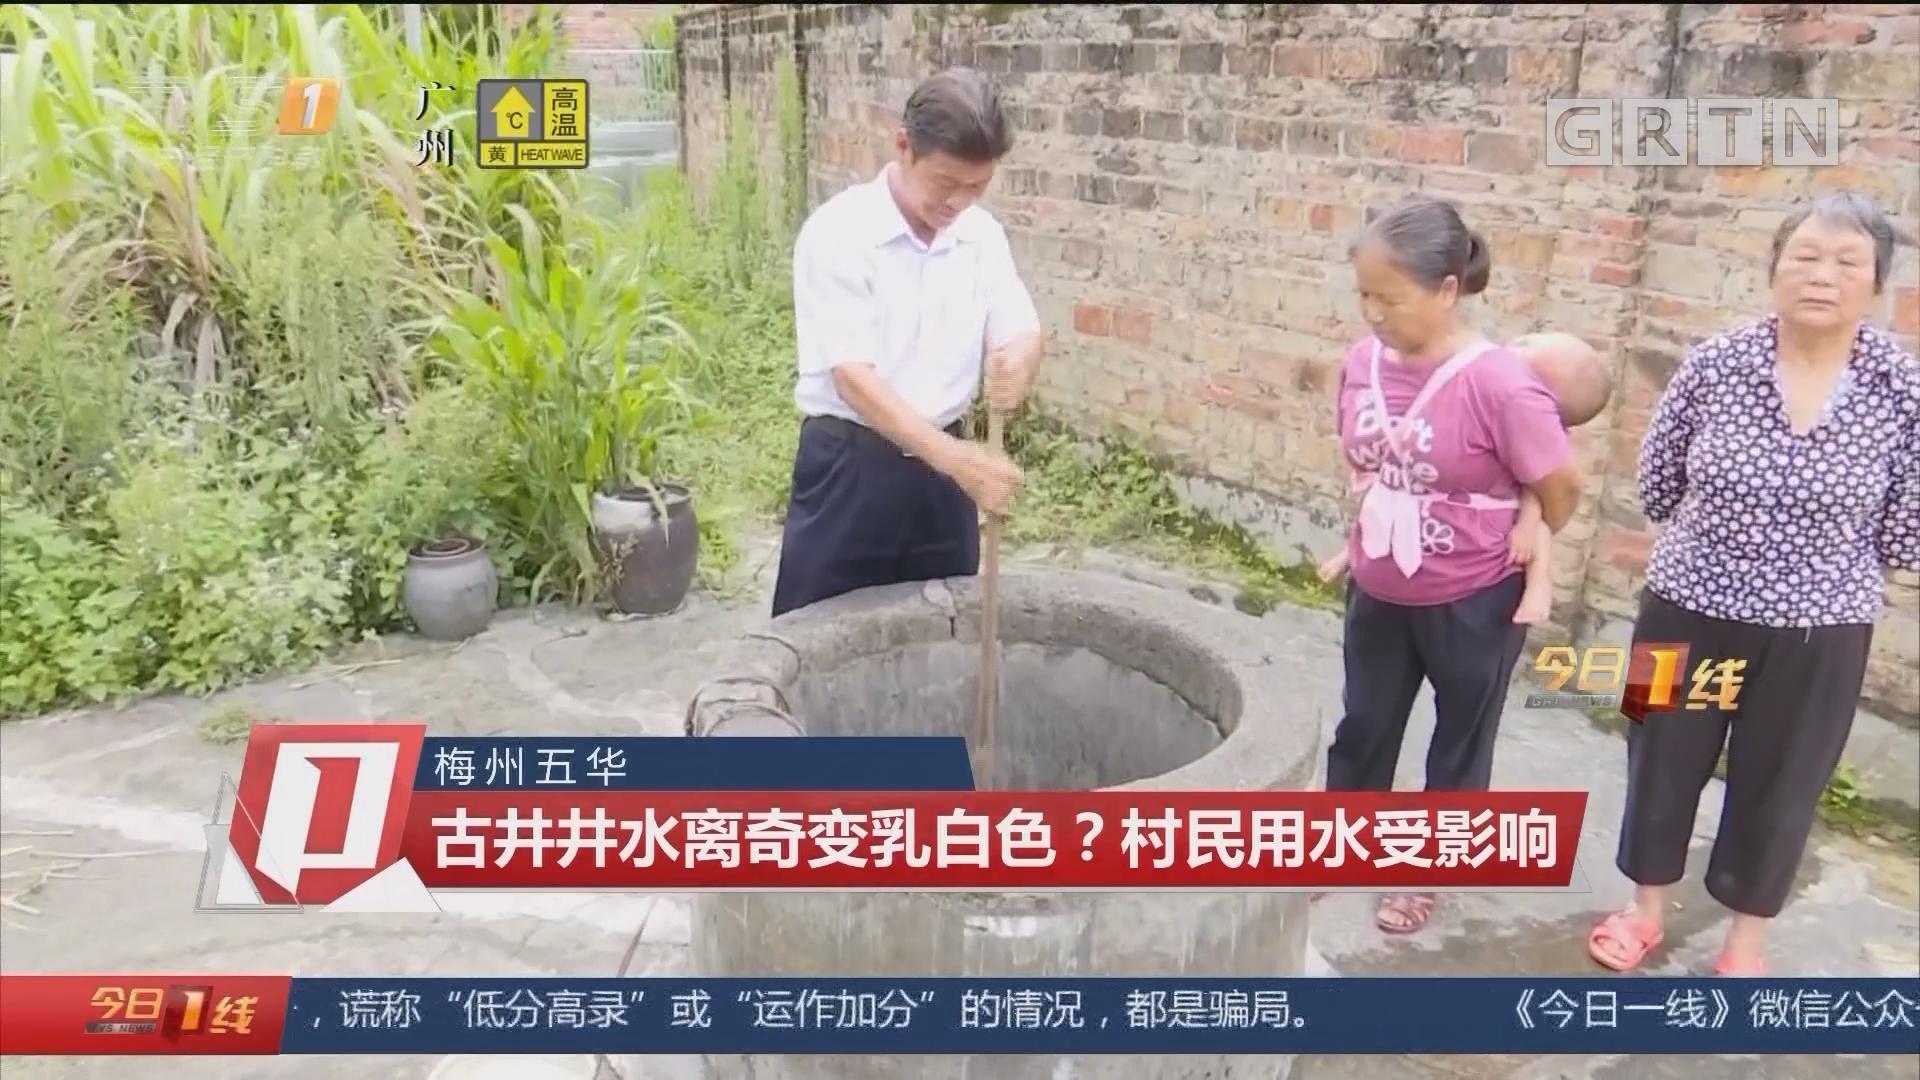 梅州五华:古井井水离奇变乳白色?村民用水受影响